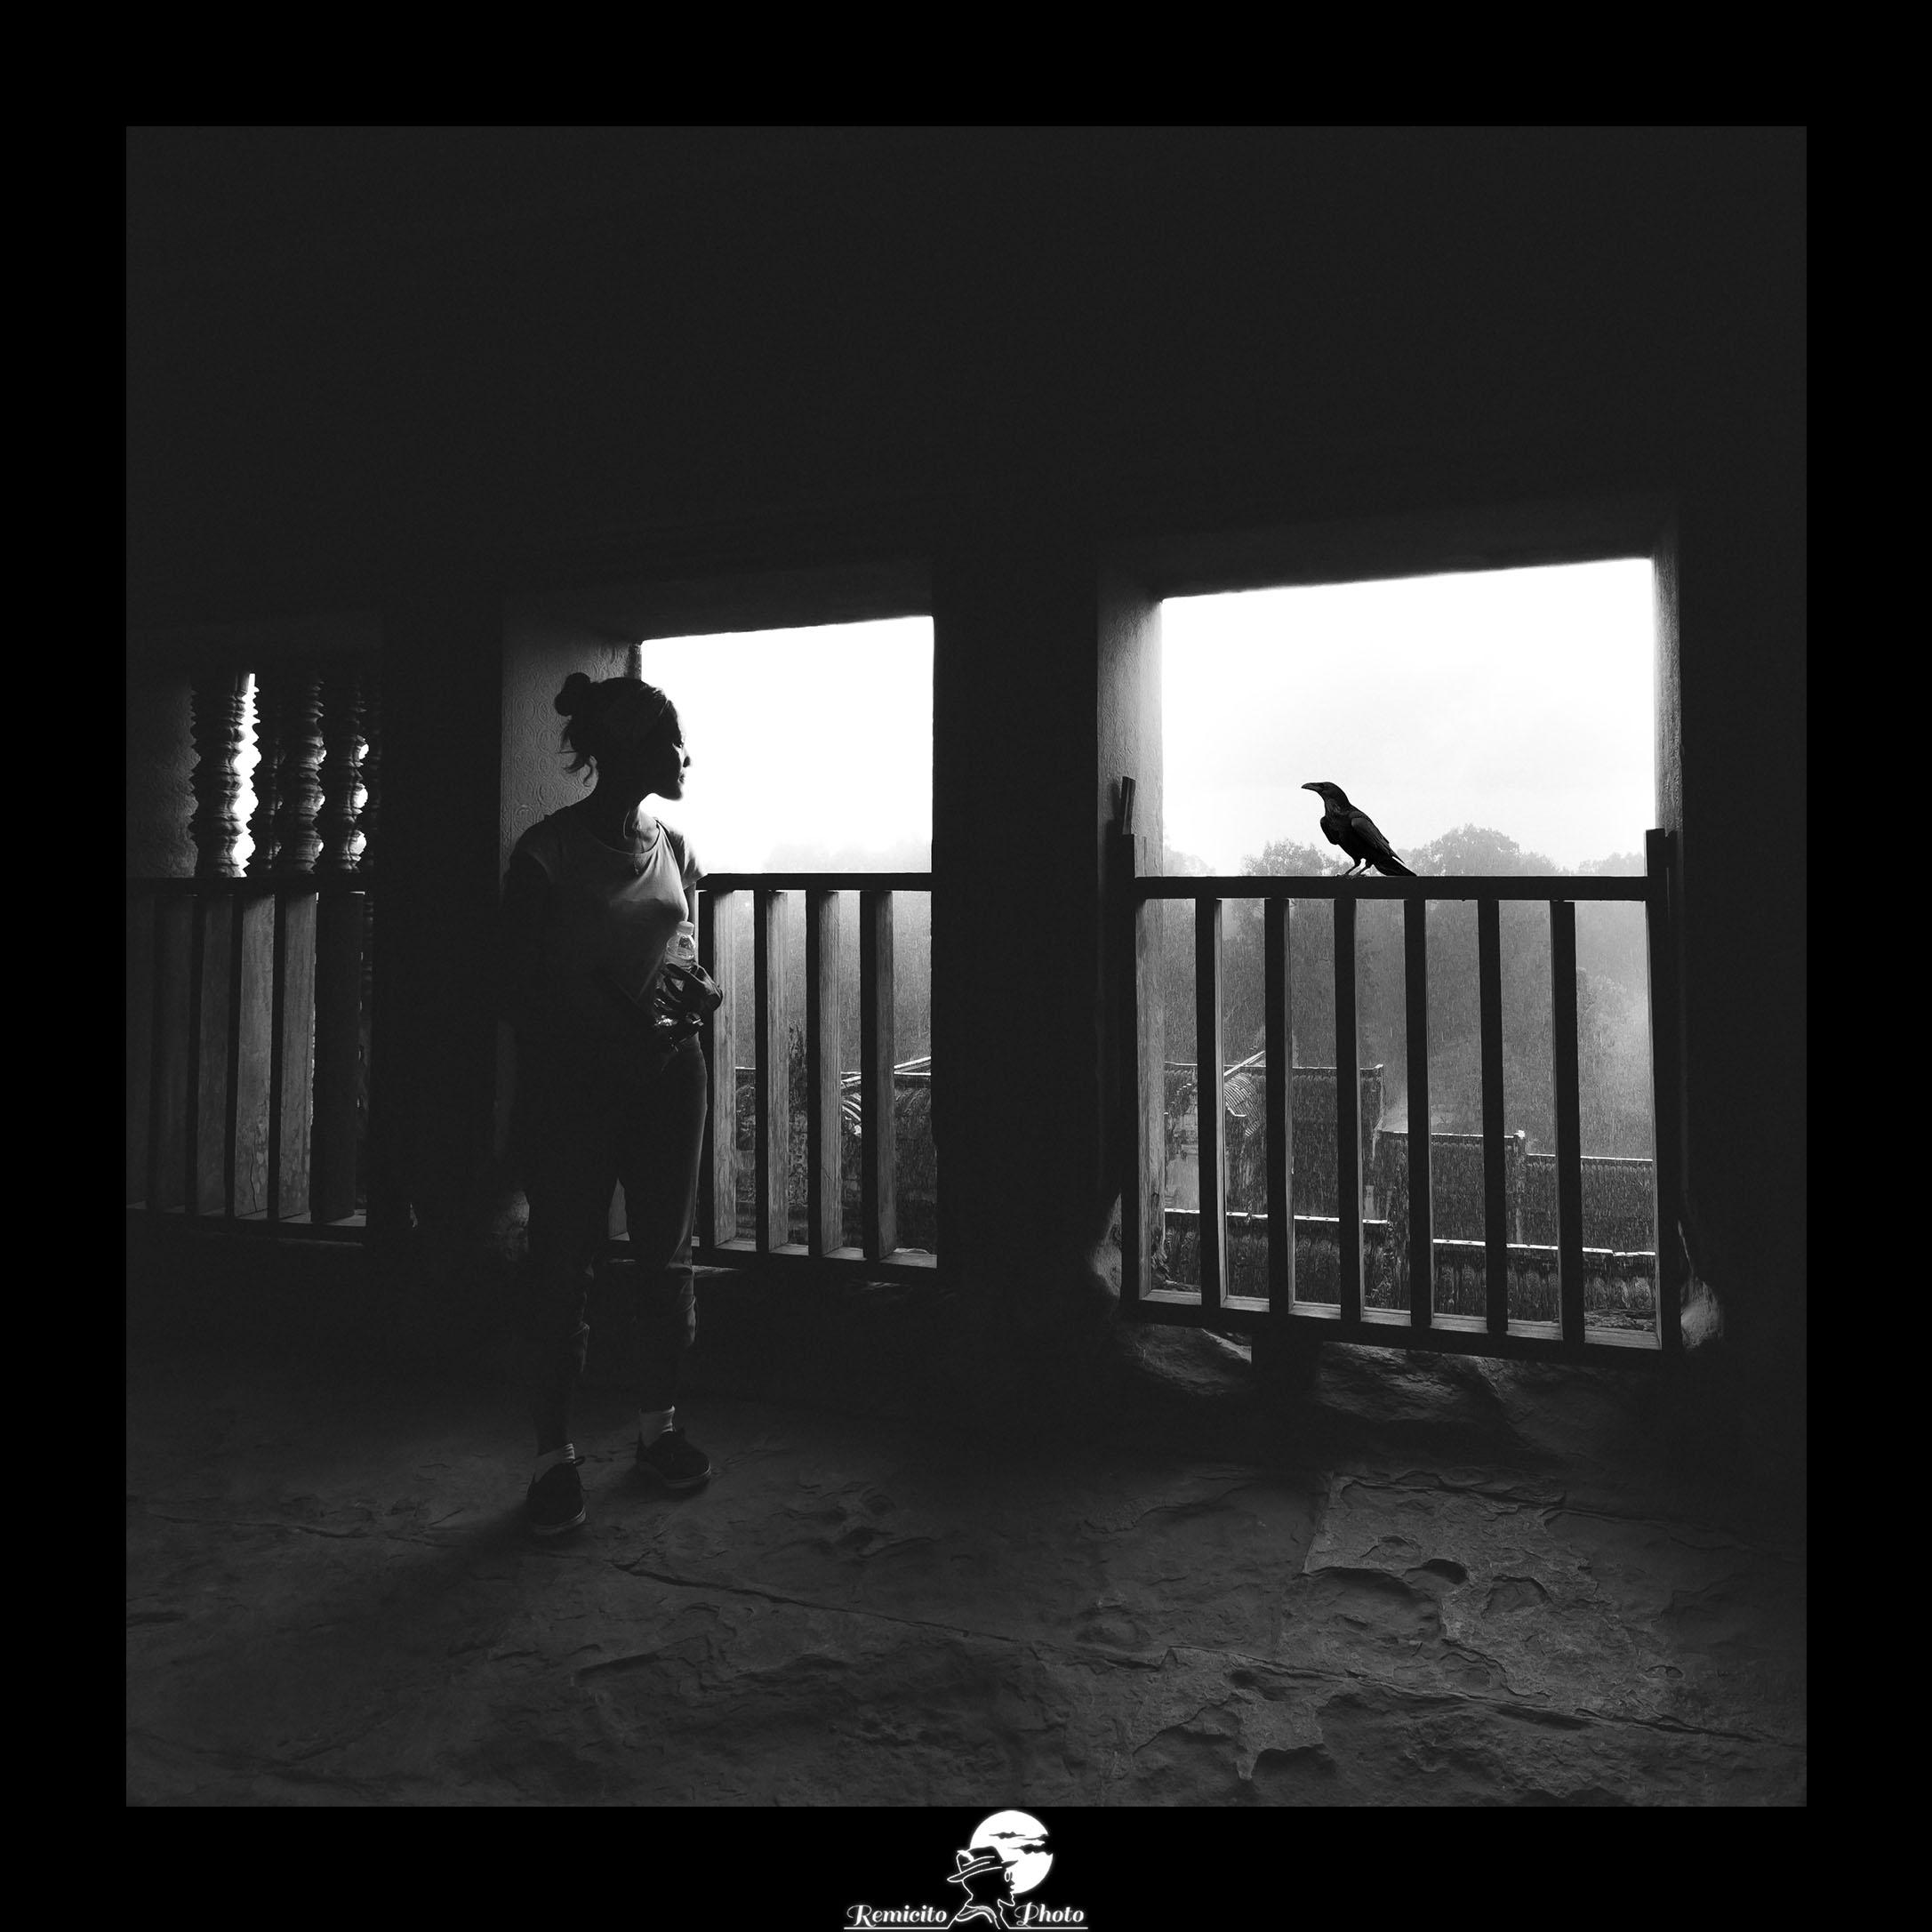 remicito photo, remicito, image du jour, photo du jour, photo of the day, photo corbeau noir et blanc, femme et corbeau, oiseau cambodge, photo noir et blanc femme oiseau, belle photo, idée déco, idée cadeau